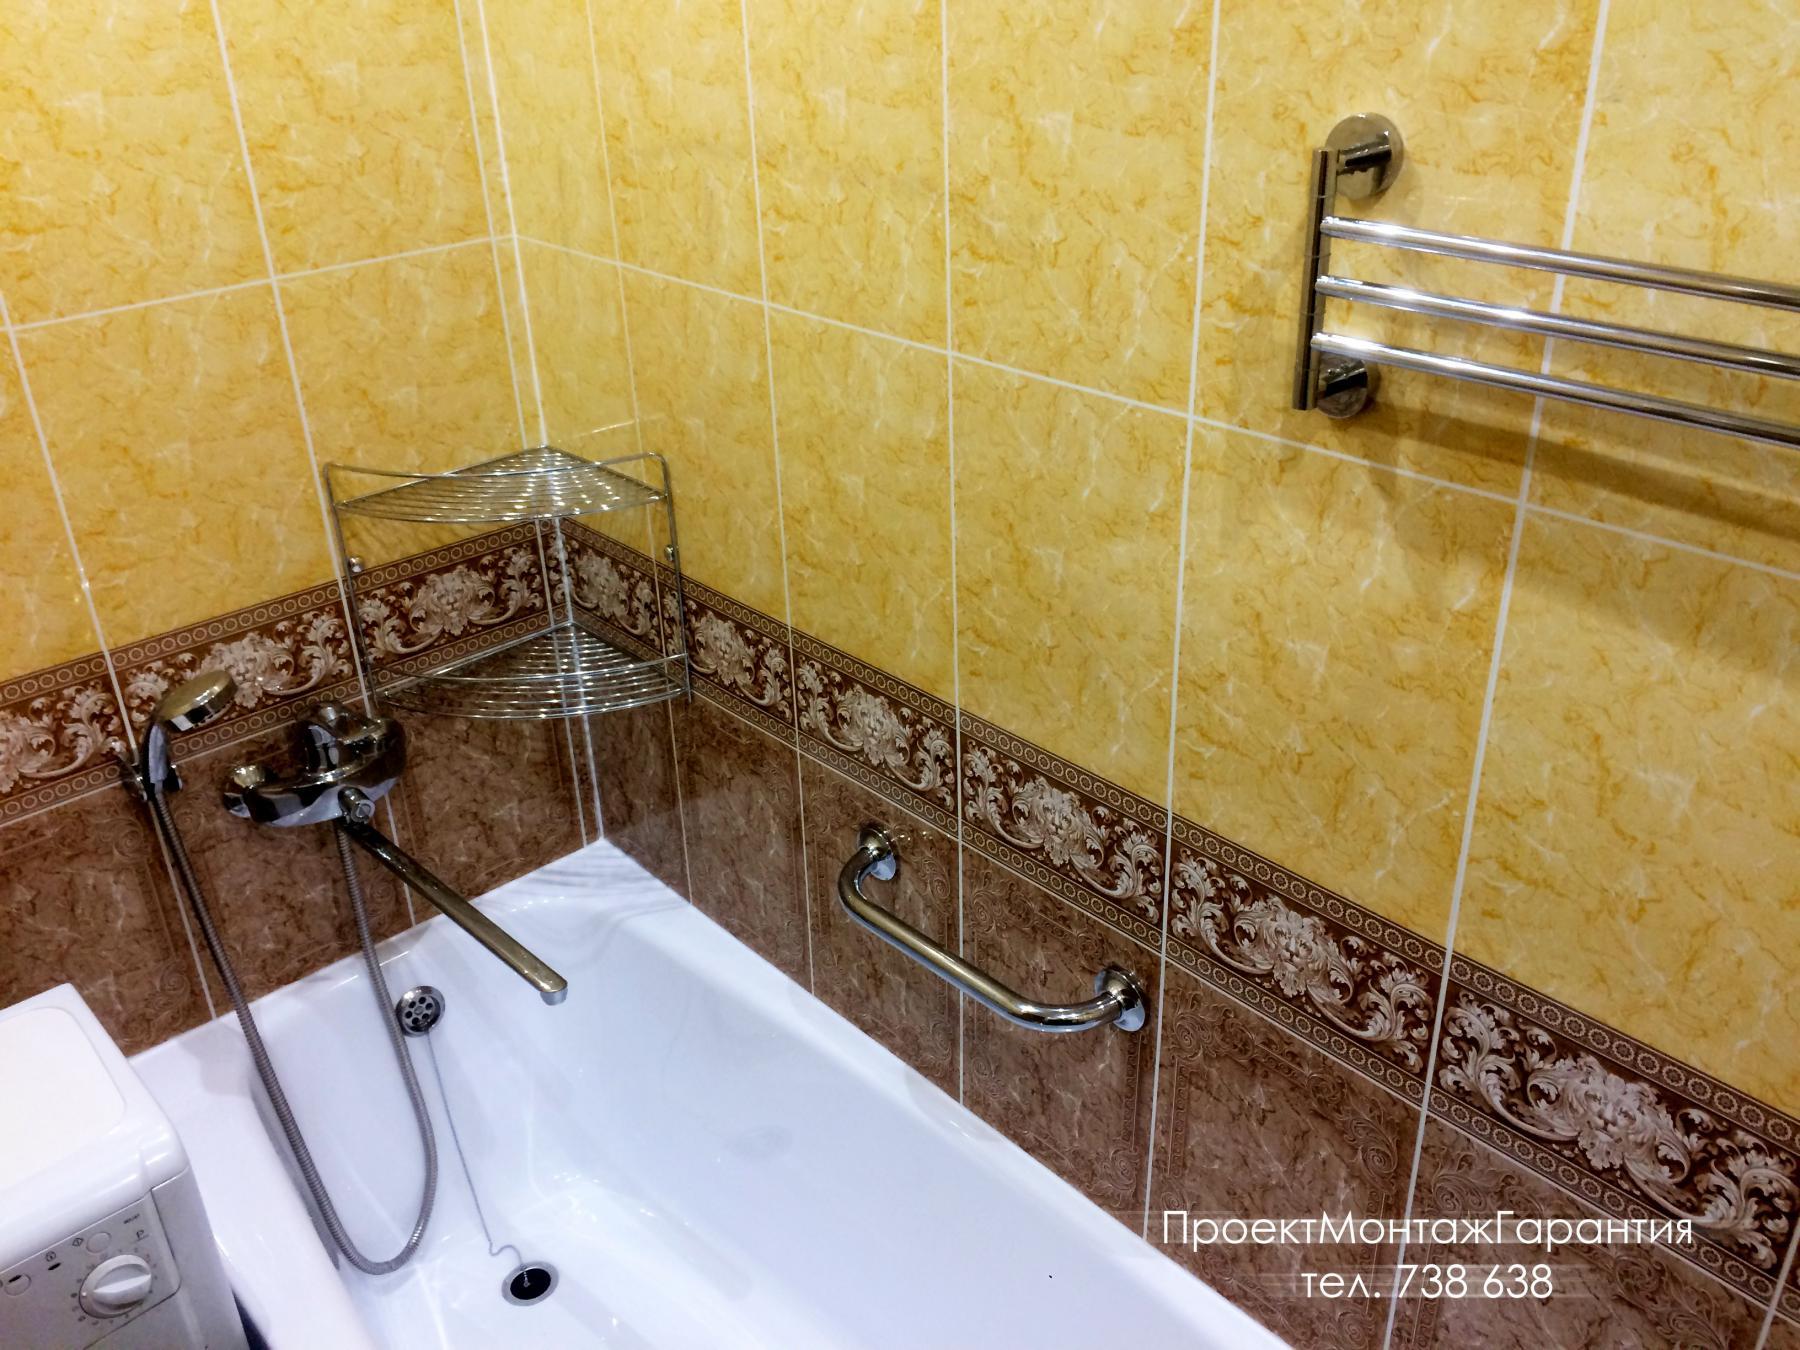 Ремонт квартир под ключ в Москве, цена на услугу в